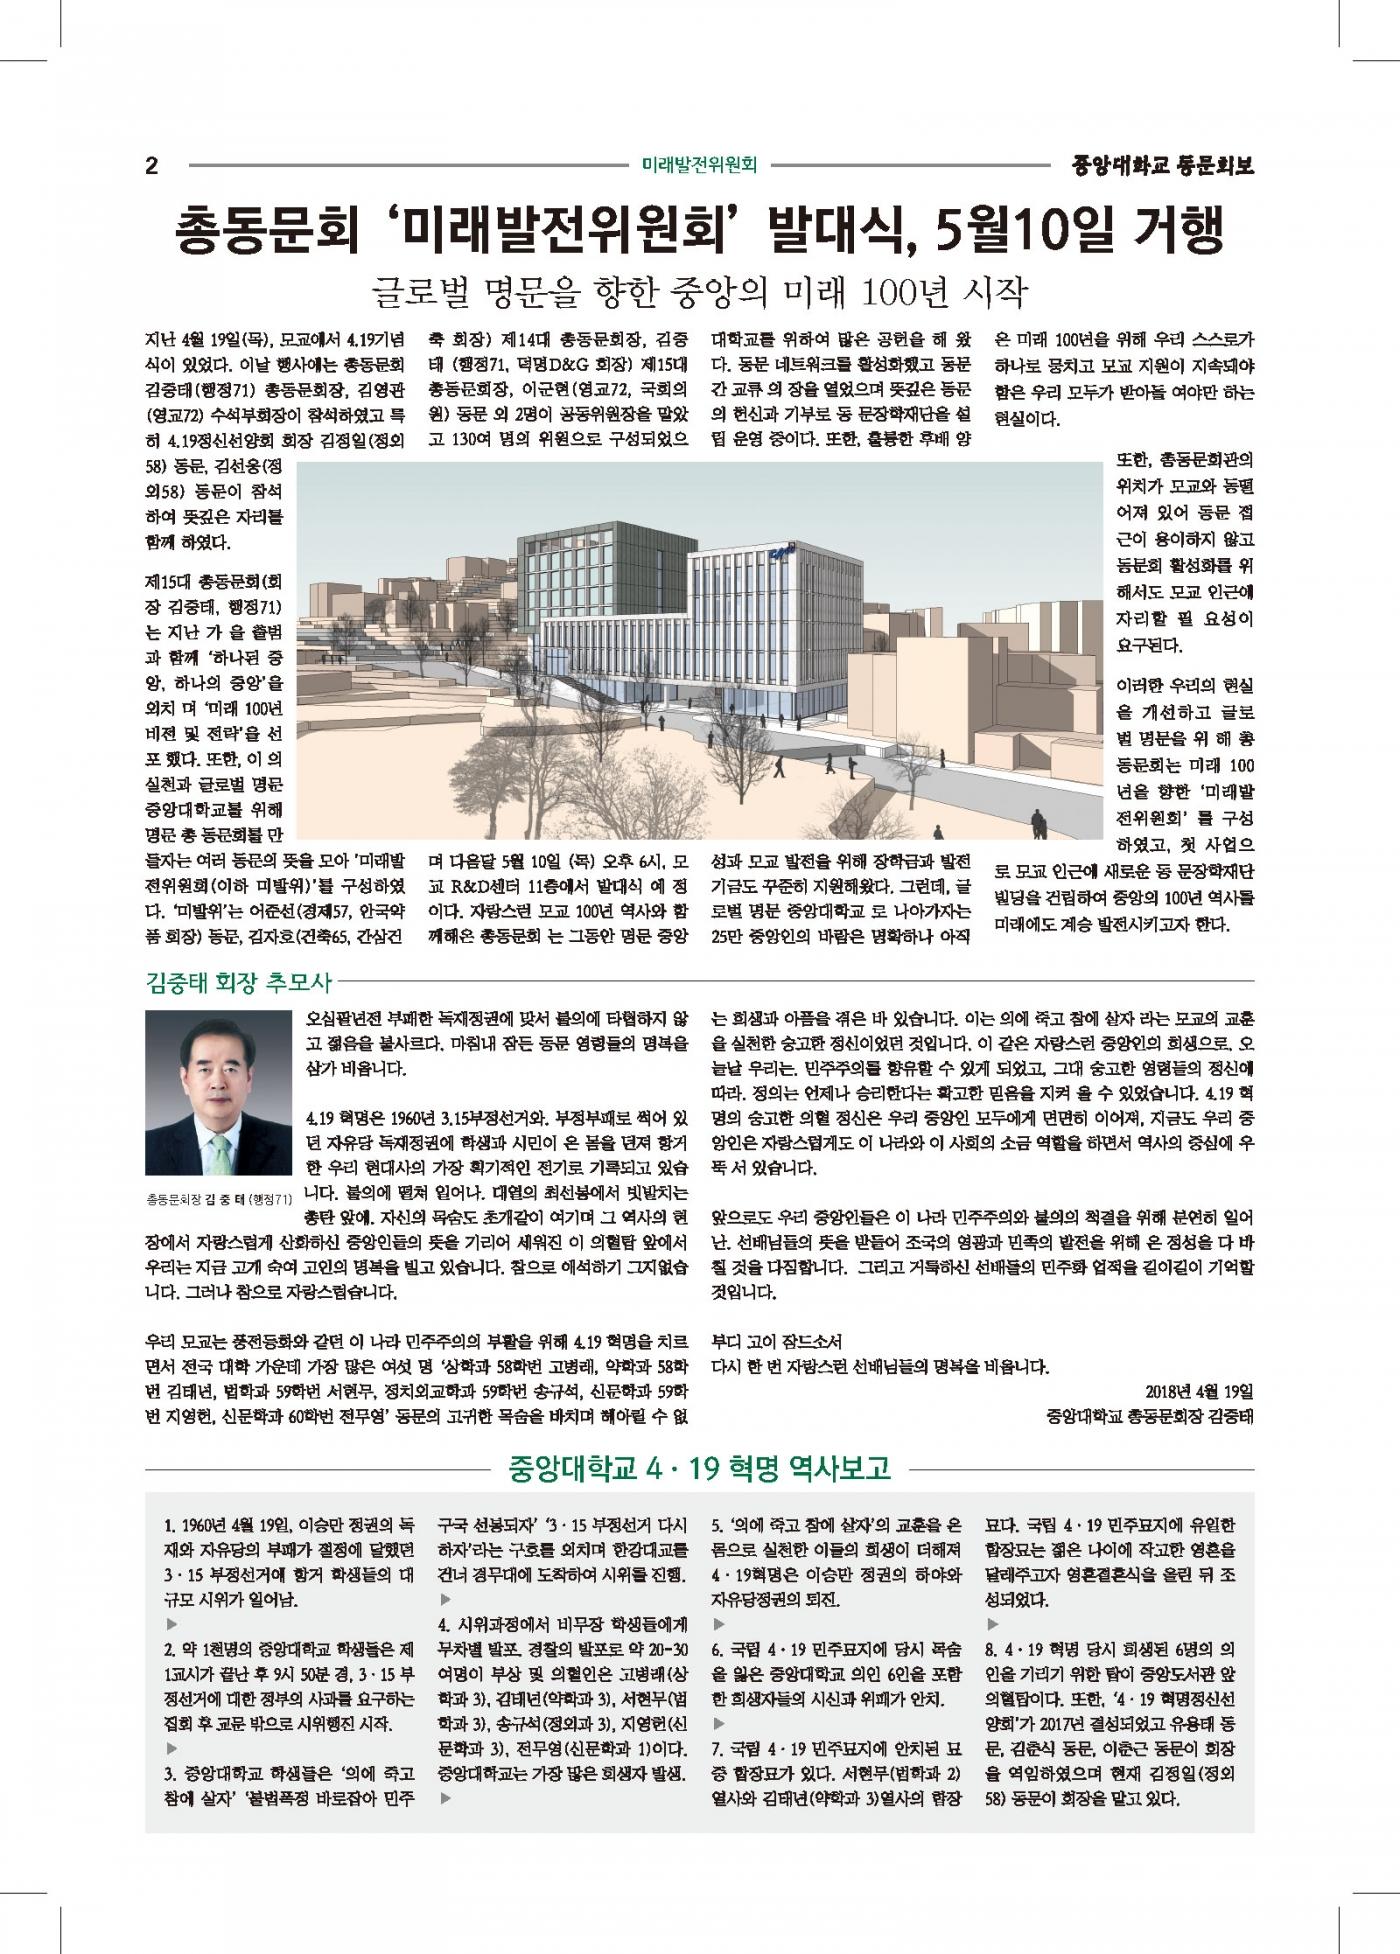 중총신문-18-4-23-인쇄OL1-2.jpg